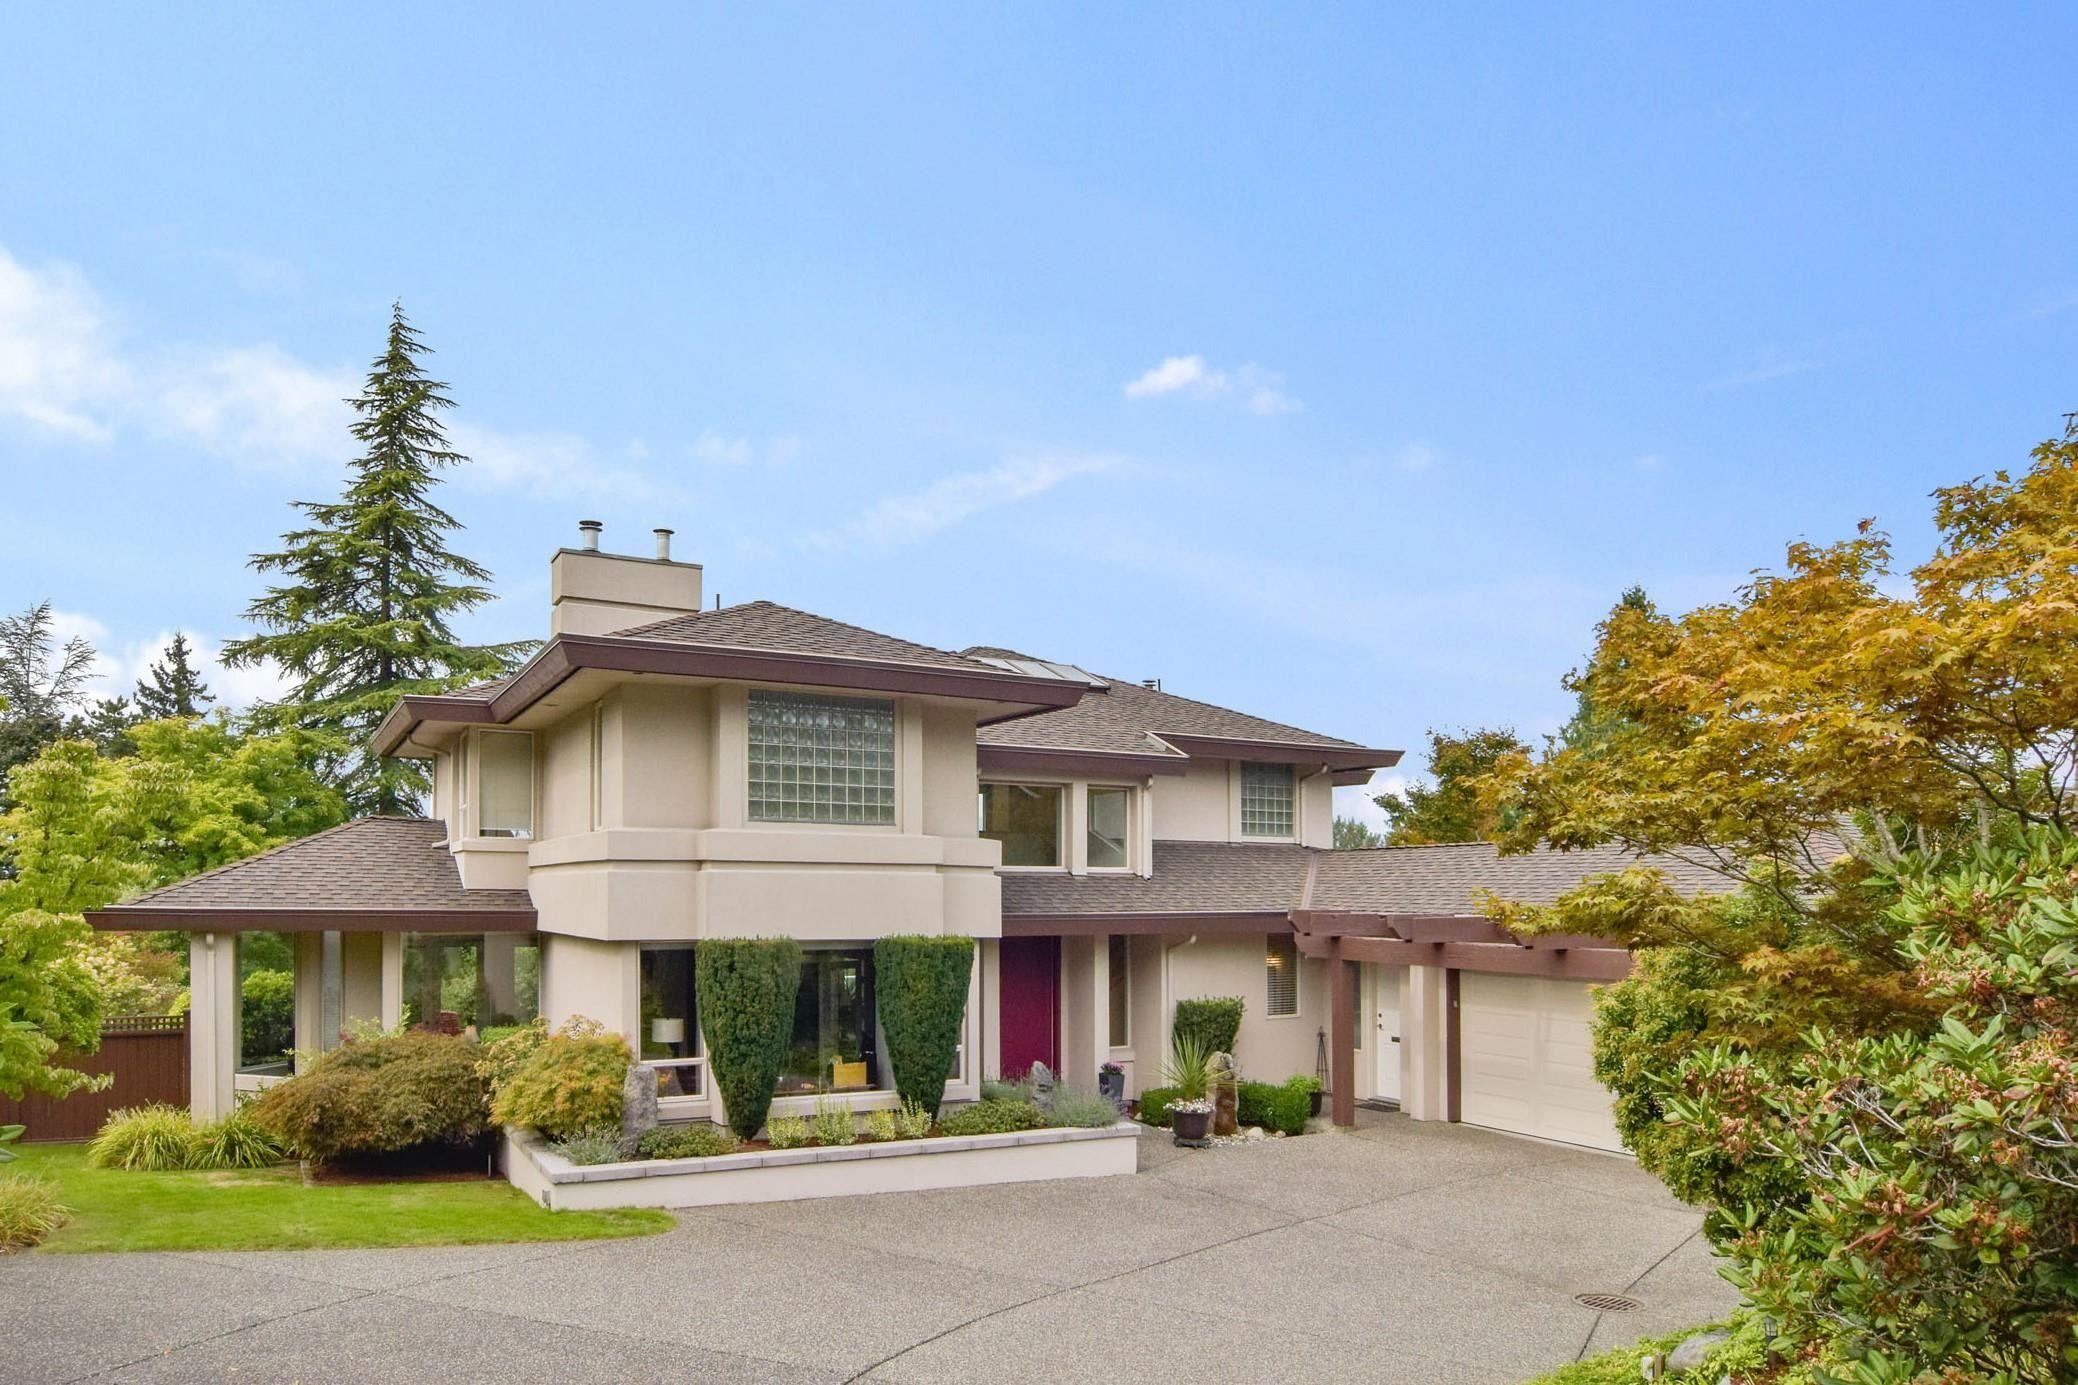 """Main Photo: 7455 BURRIS Street in Burnaby: Deer Lake House for sale in """"Deer Lake"""" (Burnaby South)  : MLS®# R2612768"""